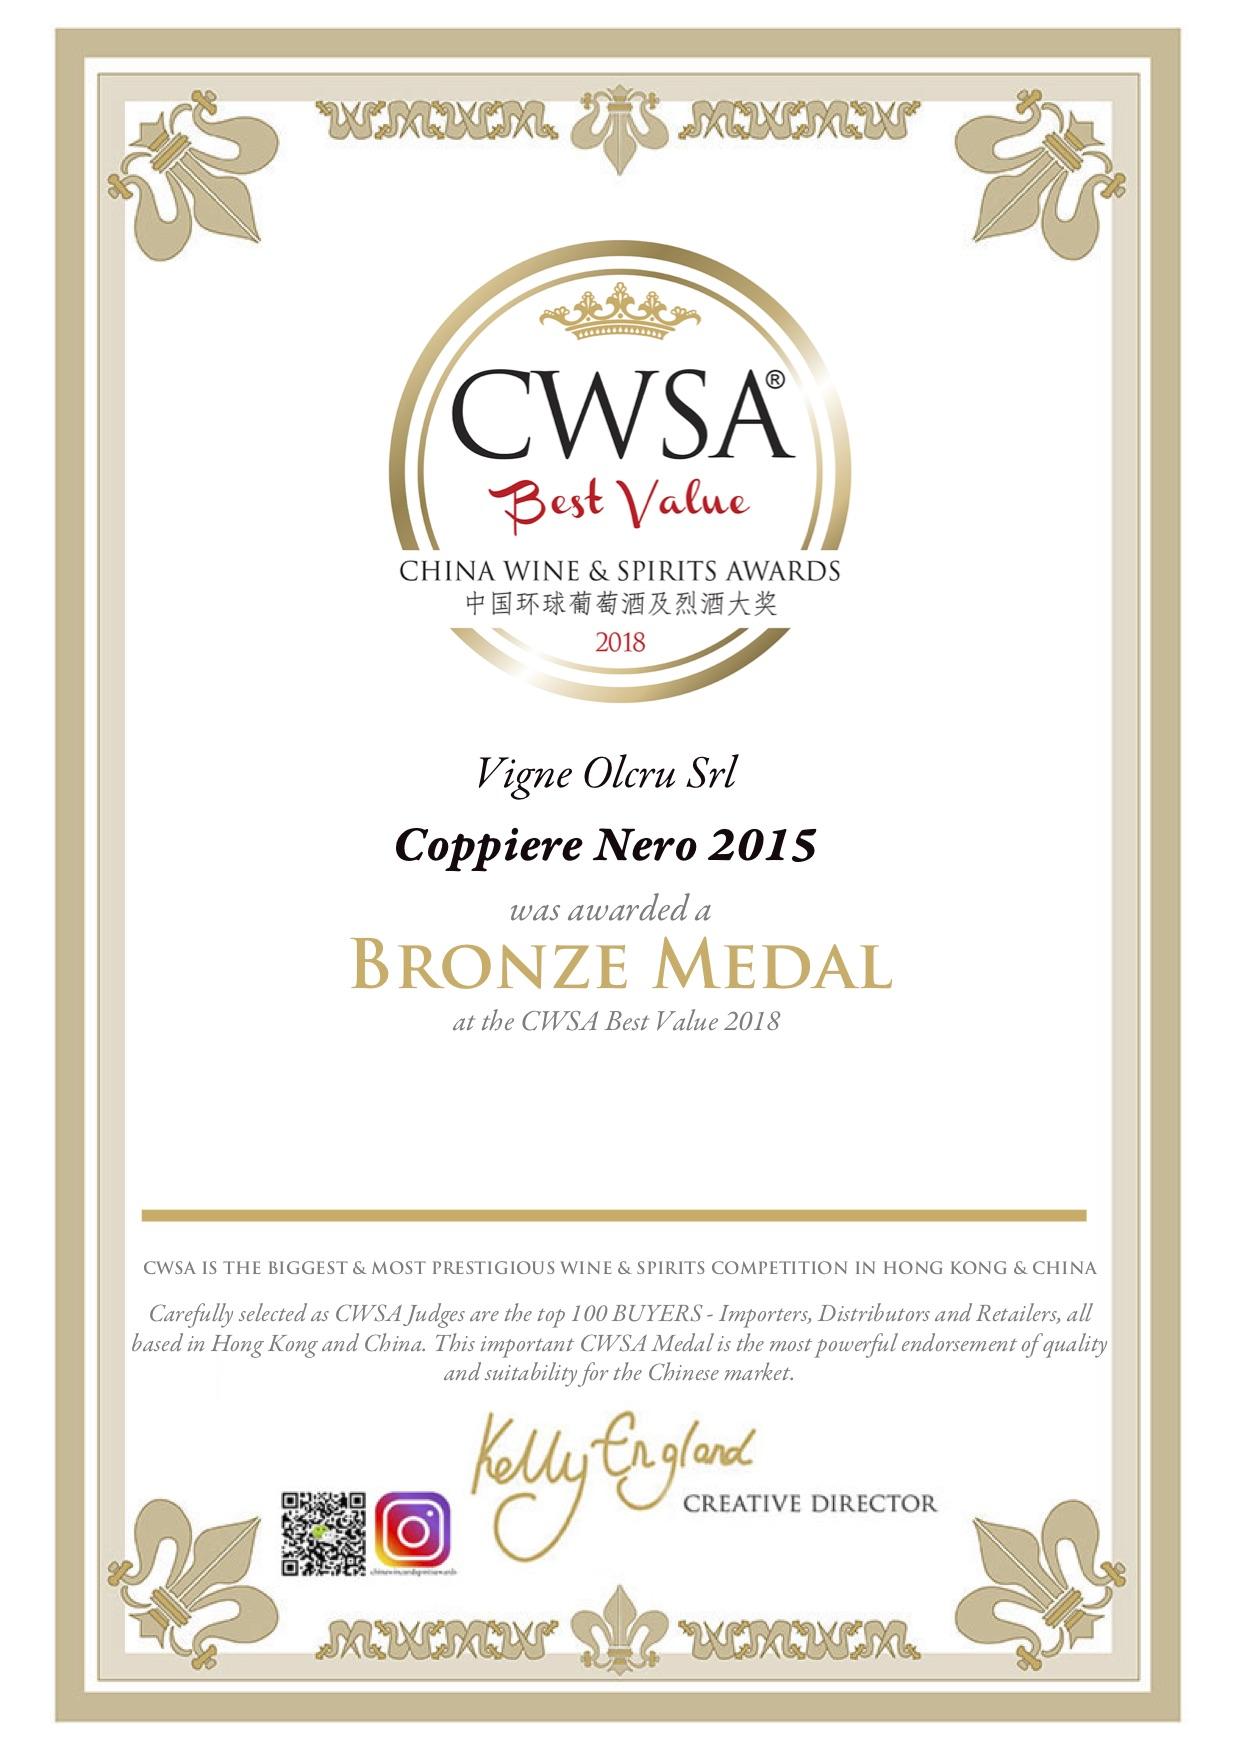 CWSA Best Value 2018 – Coppiere Nero 2015